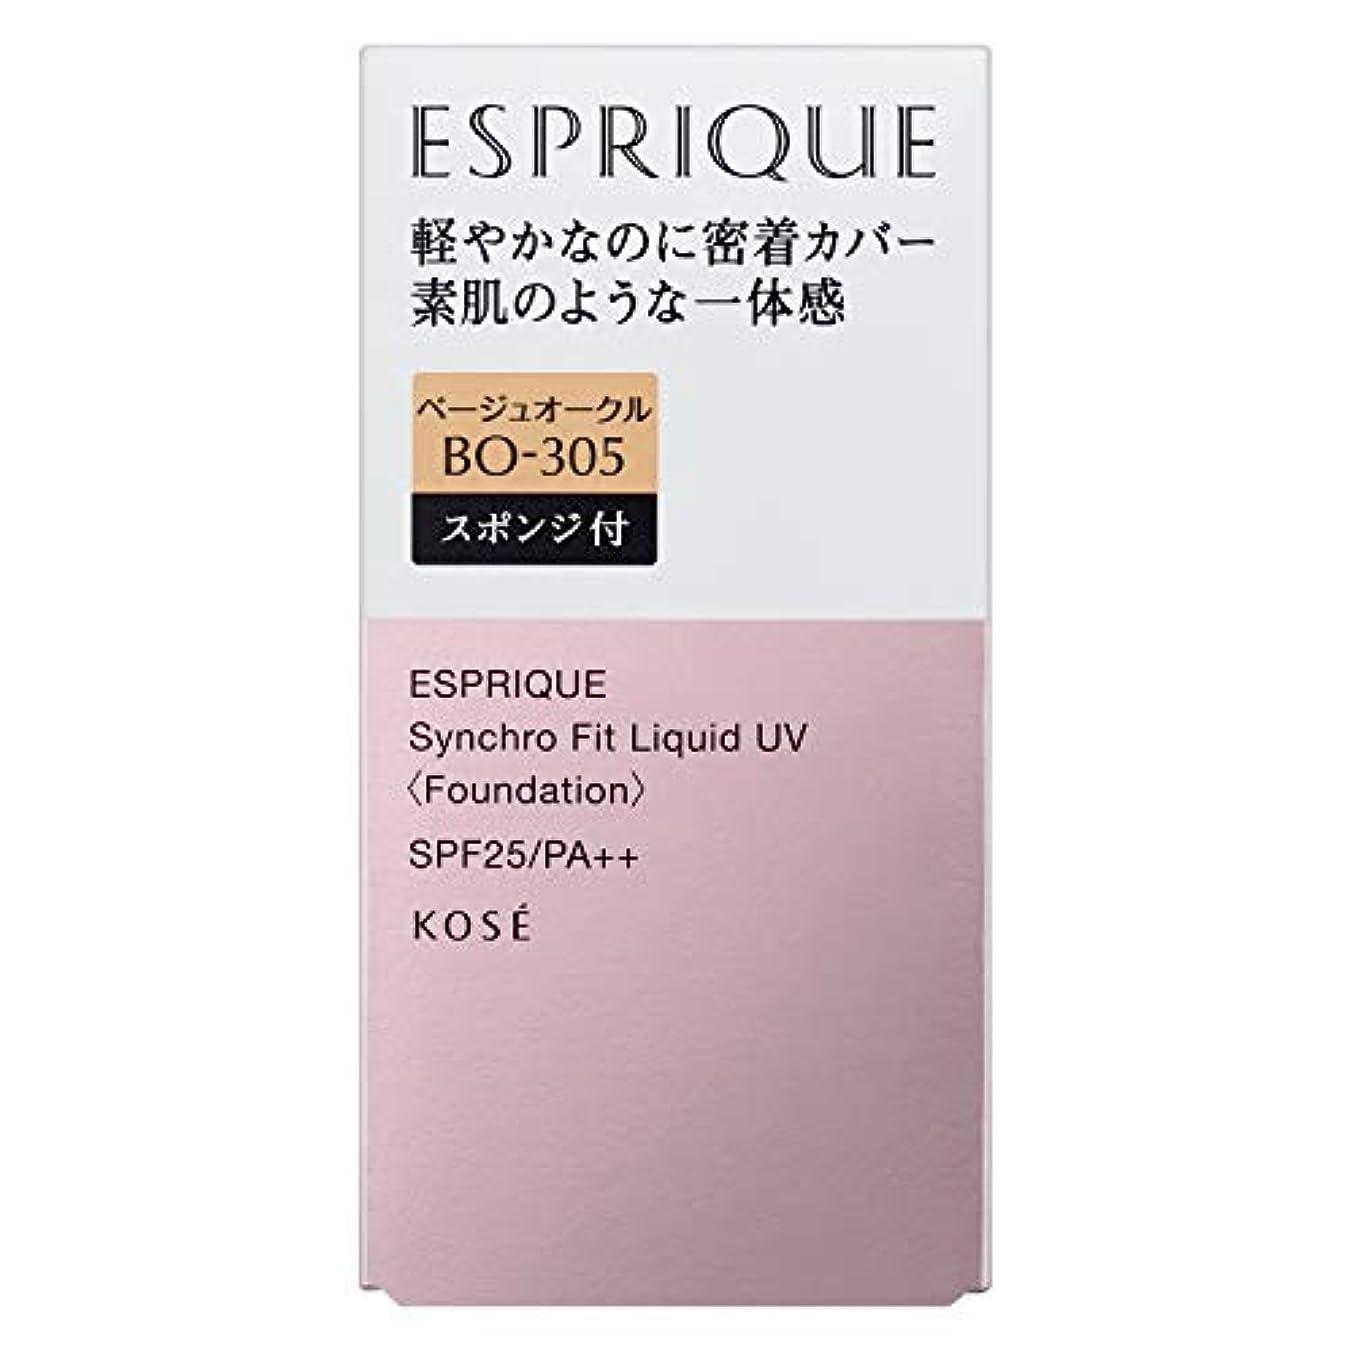 ハイブリッド環境に優しい小包ESPRIQUE(エスプリーク) エスプリーク シンクロフィット リキッド UV ファンデーション 無香料 BO-305 ベージュオークル 30g